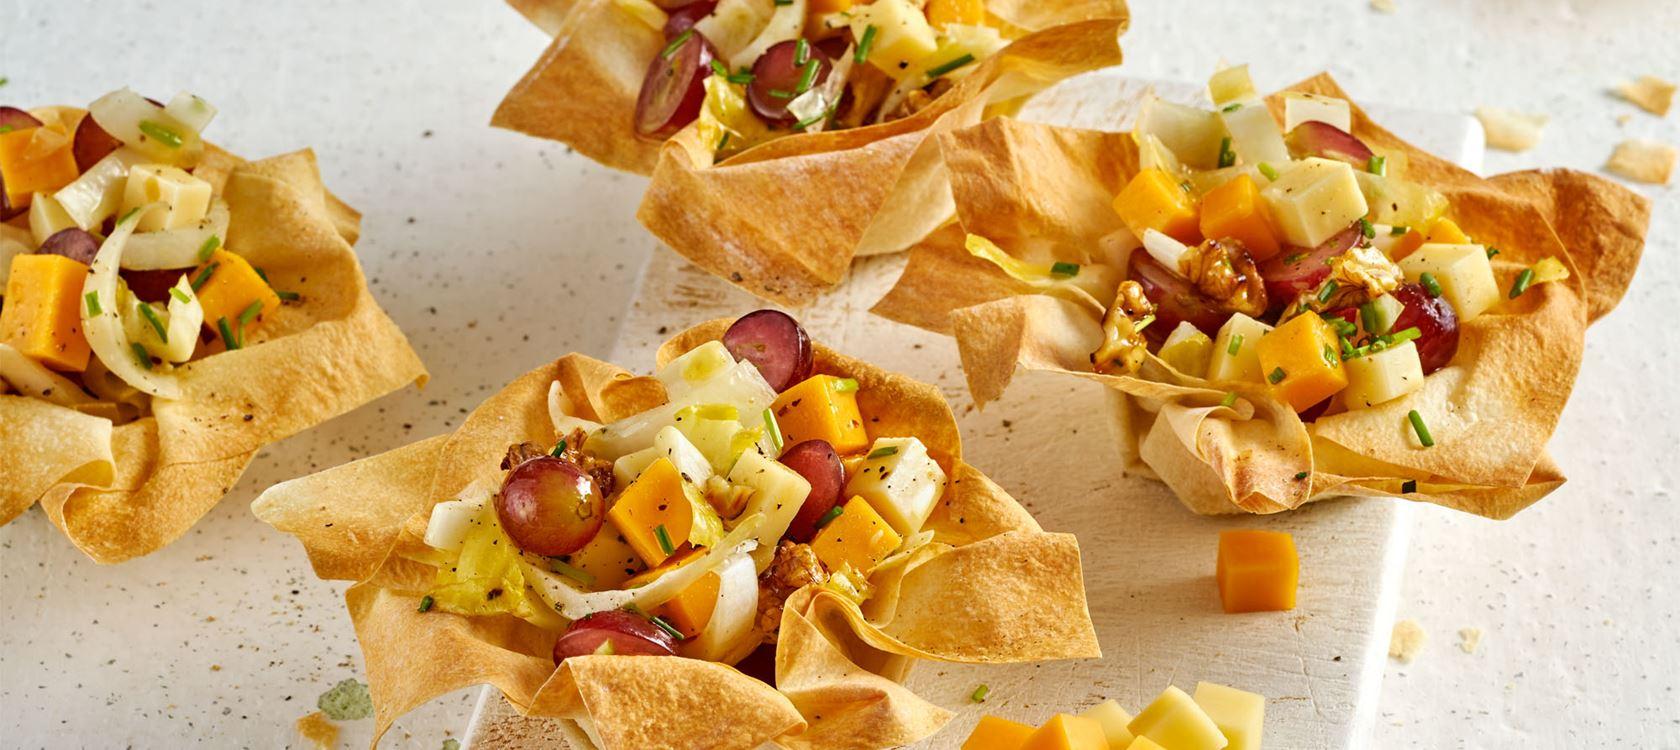 Filoteig-Muffins mit Salatfüllung und Finello Salatwürfeln